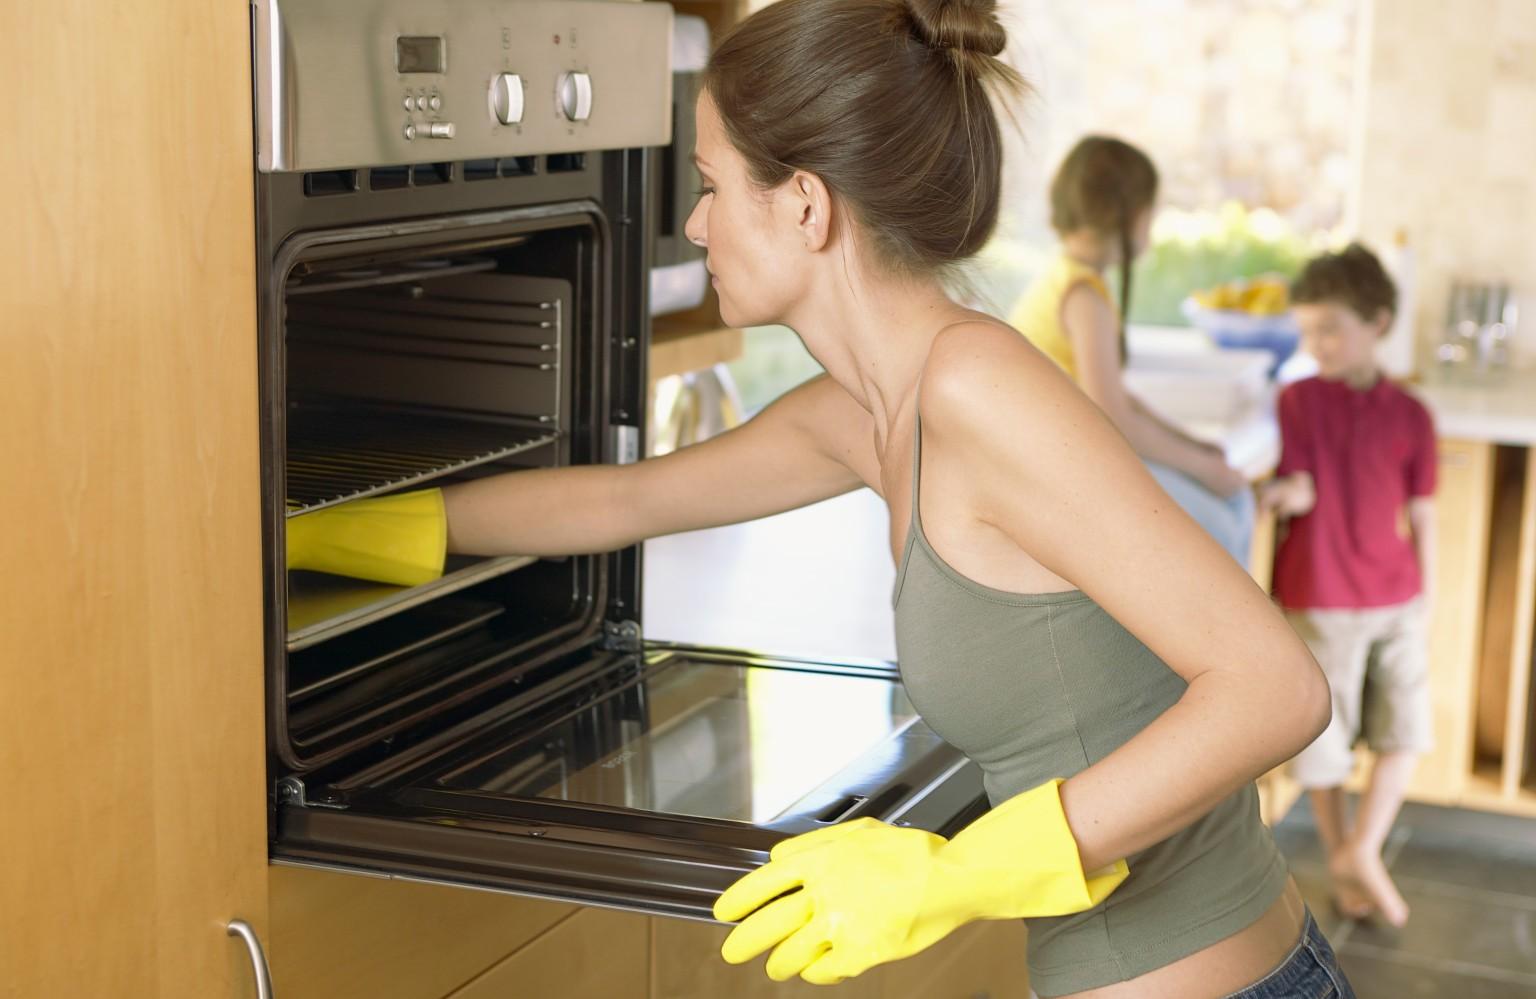 Можно почисть духовку обычной пищевой содой и мылом